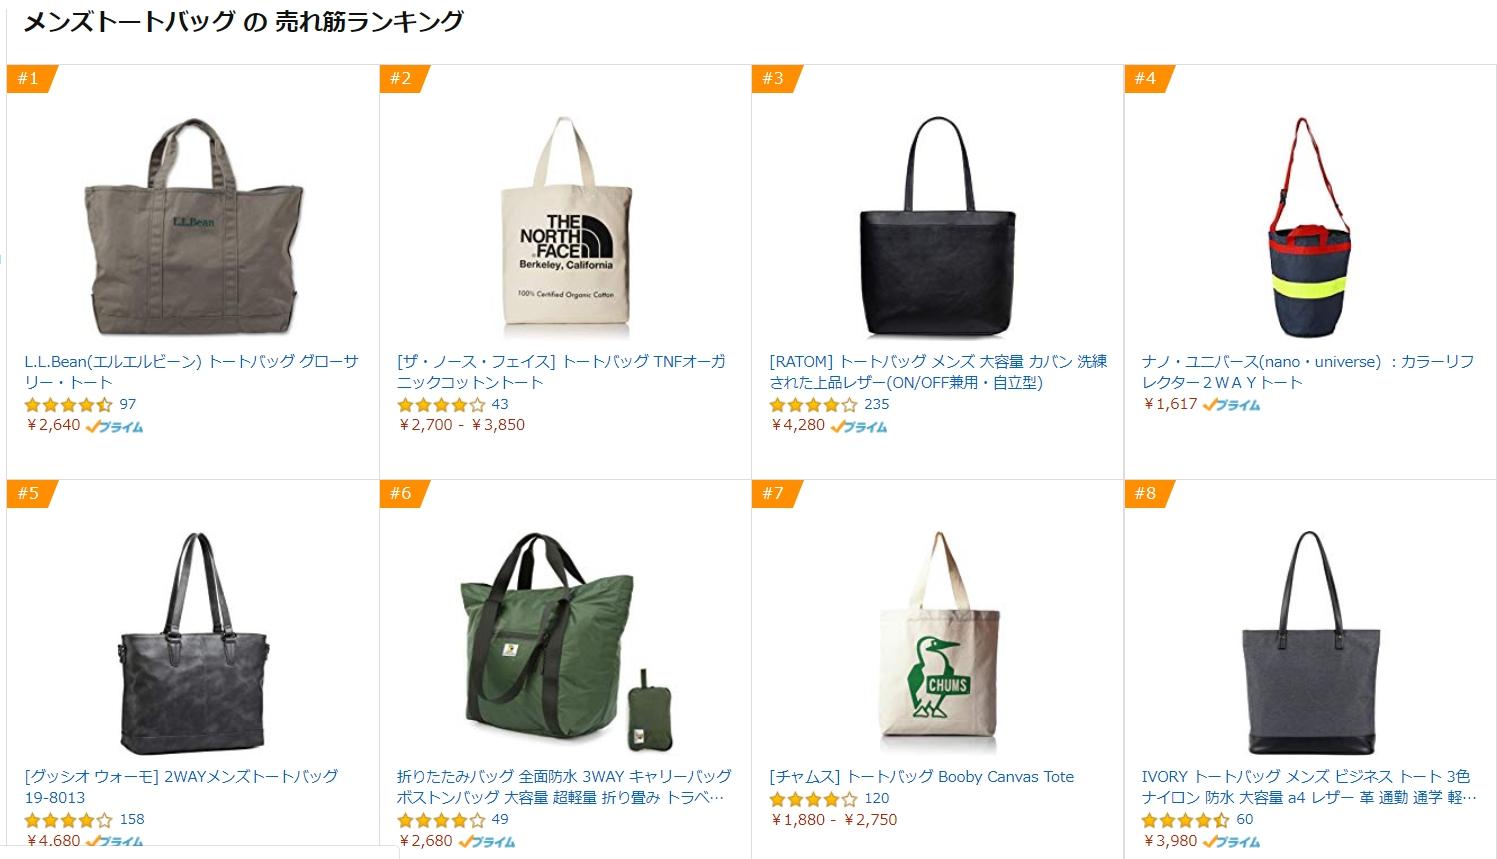 Amazonのメンズトートバッグランキング